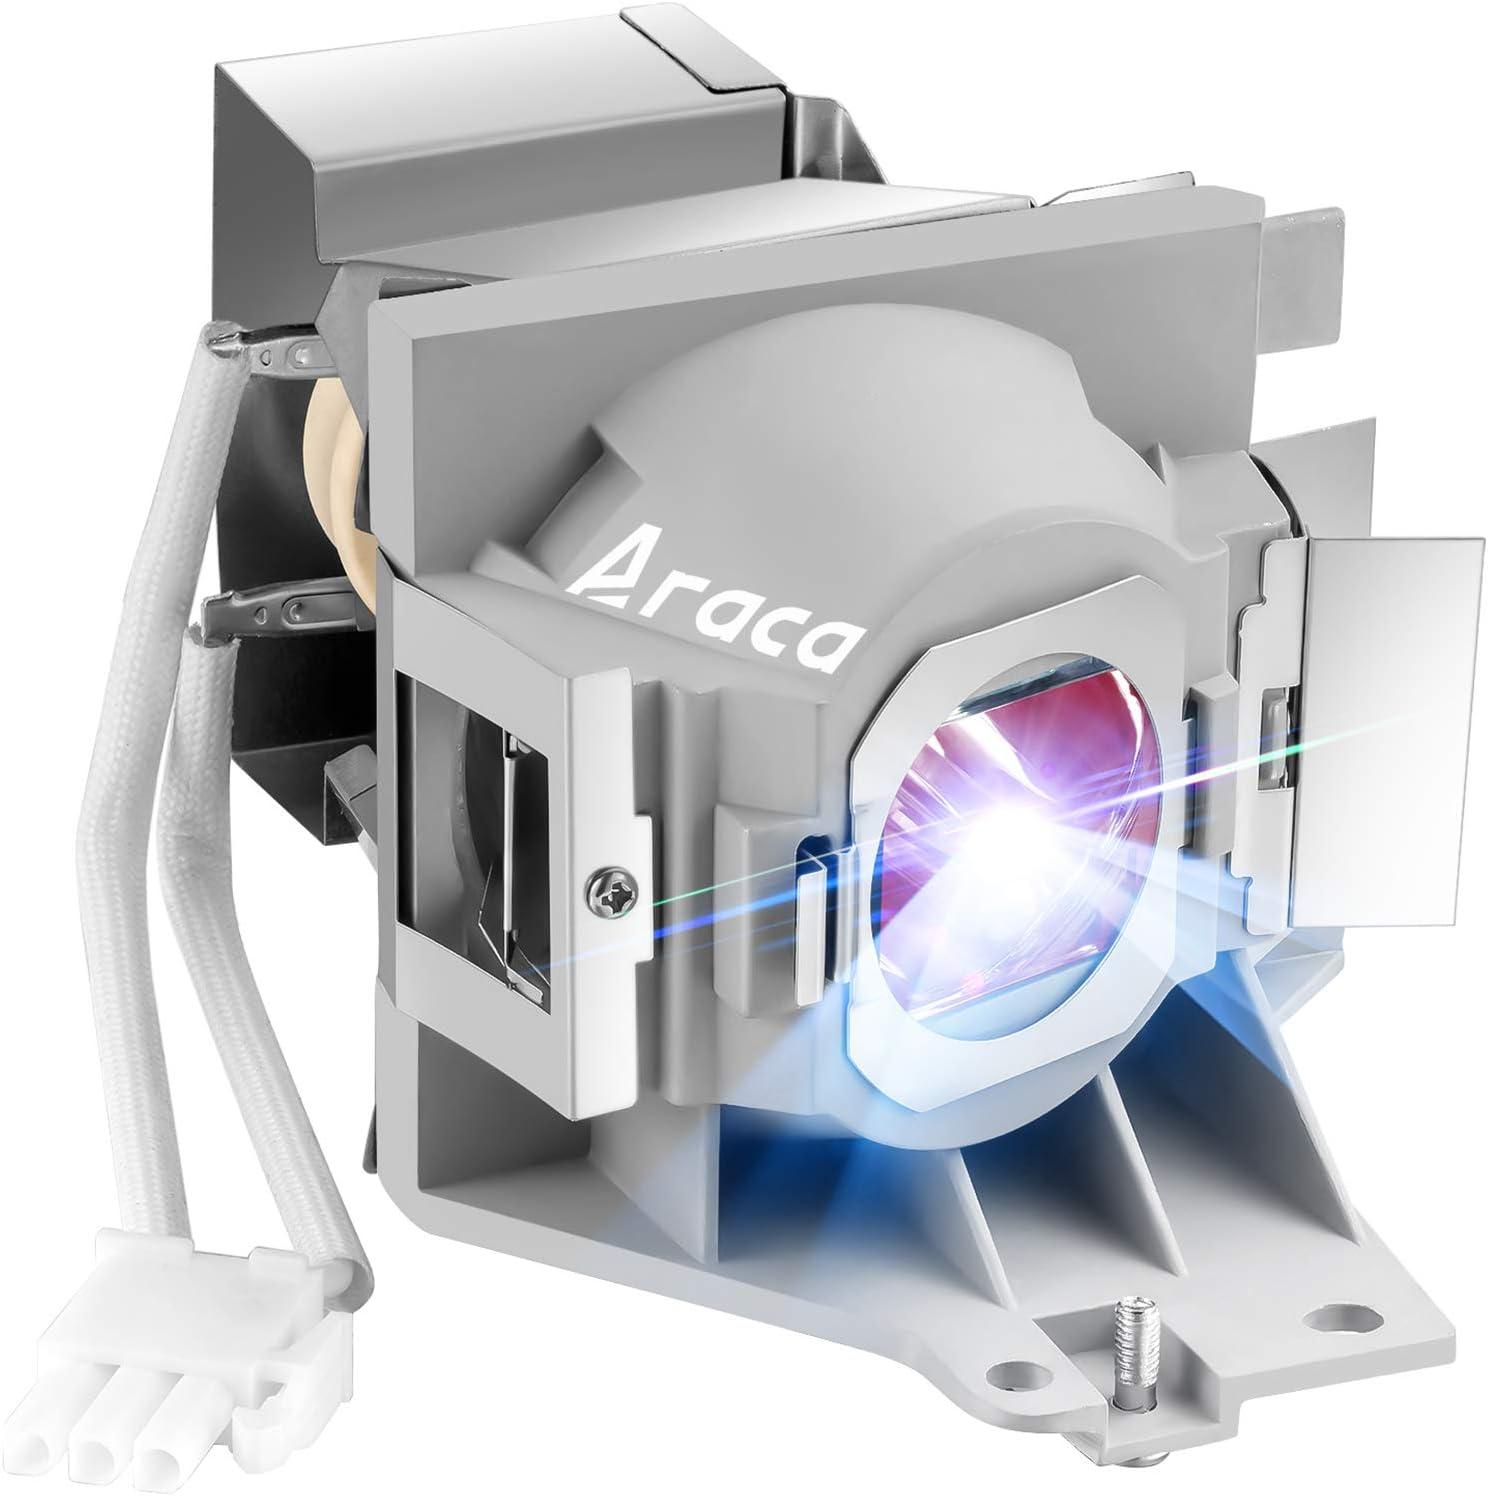 Araca 5J.JEE05.001 (OEM Original Bulb) Projector Lamp with Housing for Benq HT2050 HT2150ST HT2050A HT3050 W1110 W1210ST W2000 W2000+ Replacement Lamp